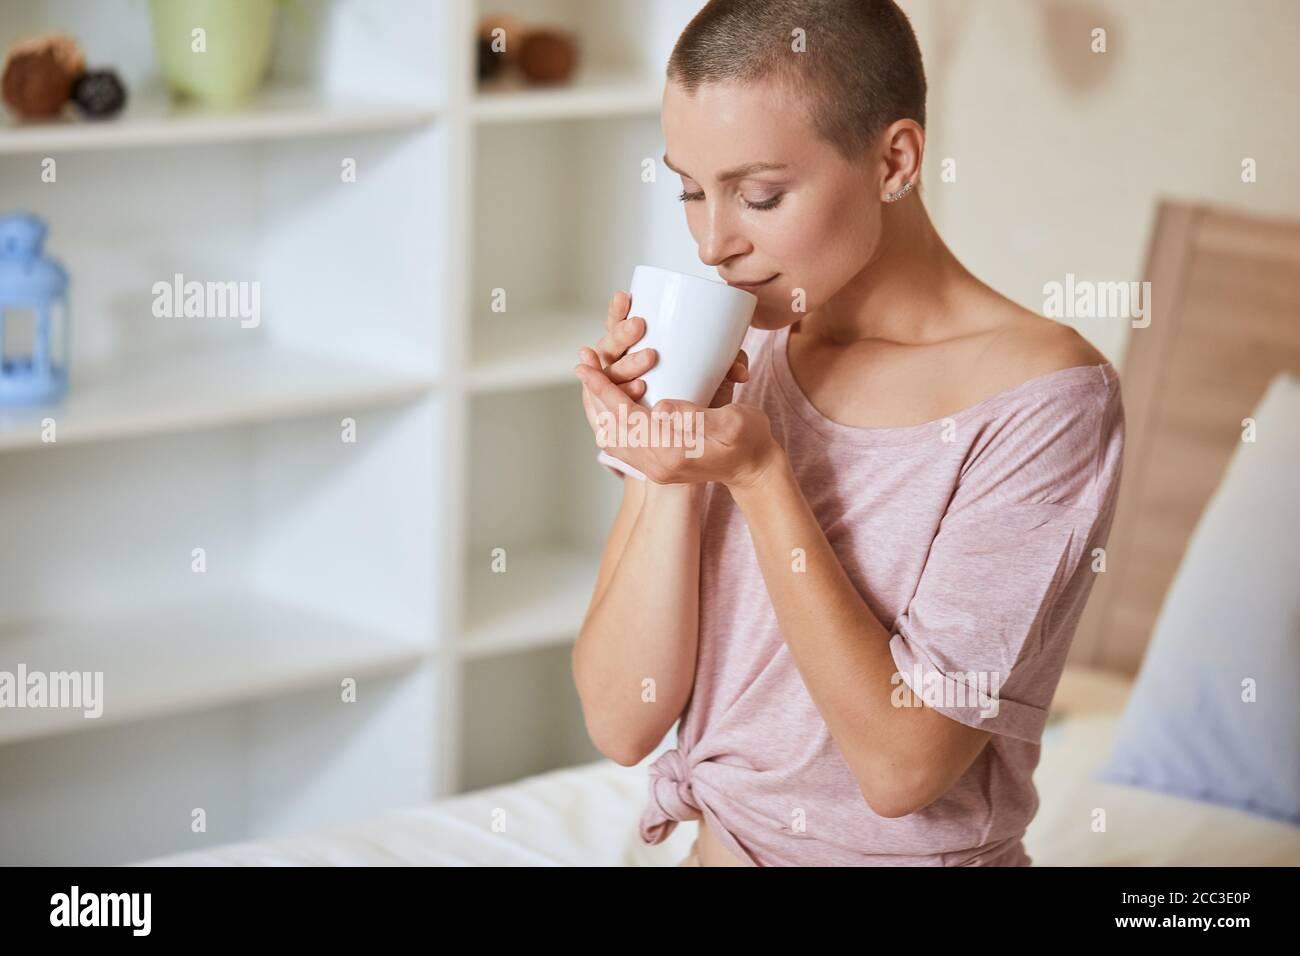 Hermosa joven con pelo corto sentarse en la cama en la habitación de luz y disfrutar de beber té o café por la mañana en casa. Foto de stock